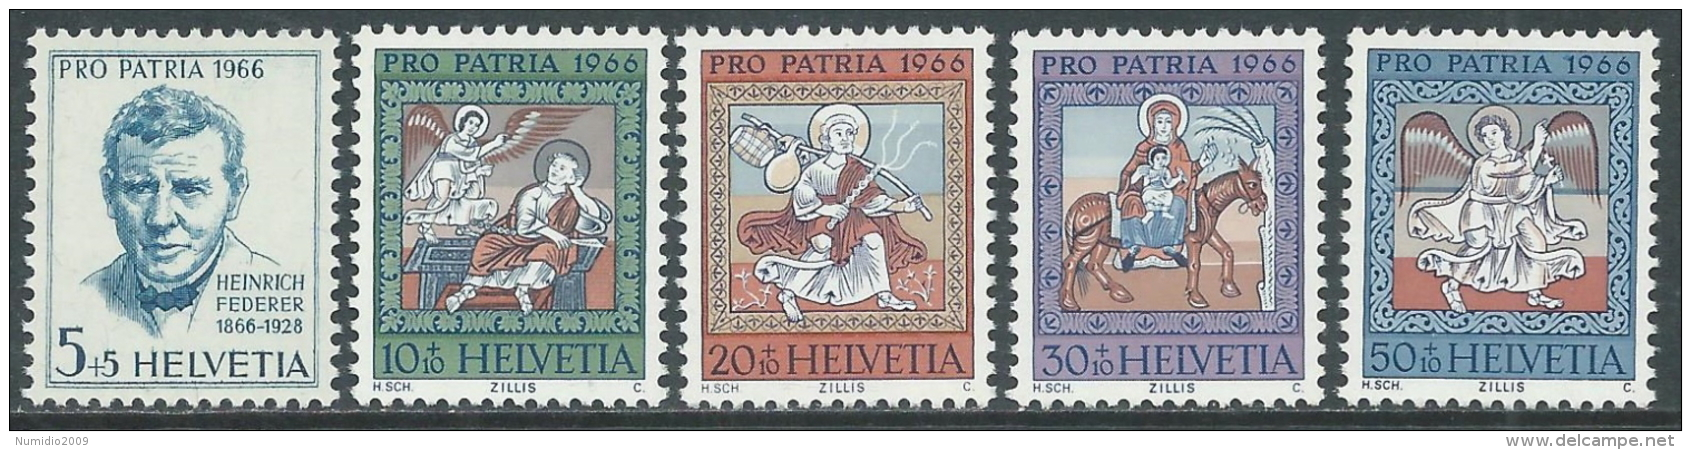 1966 SVIZZERA PRO PATRIA H. FEDERER QUADRI S. MARTINO DI ZILLIS MNH ** - I59-5 - Nuovi